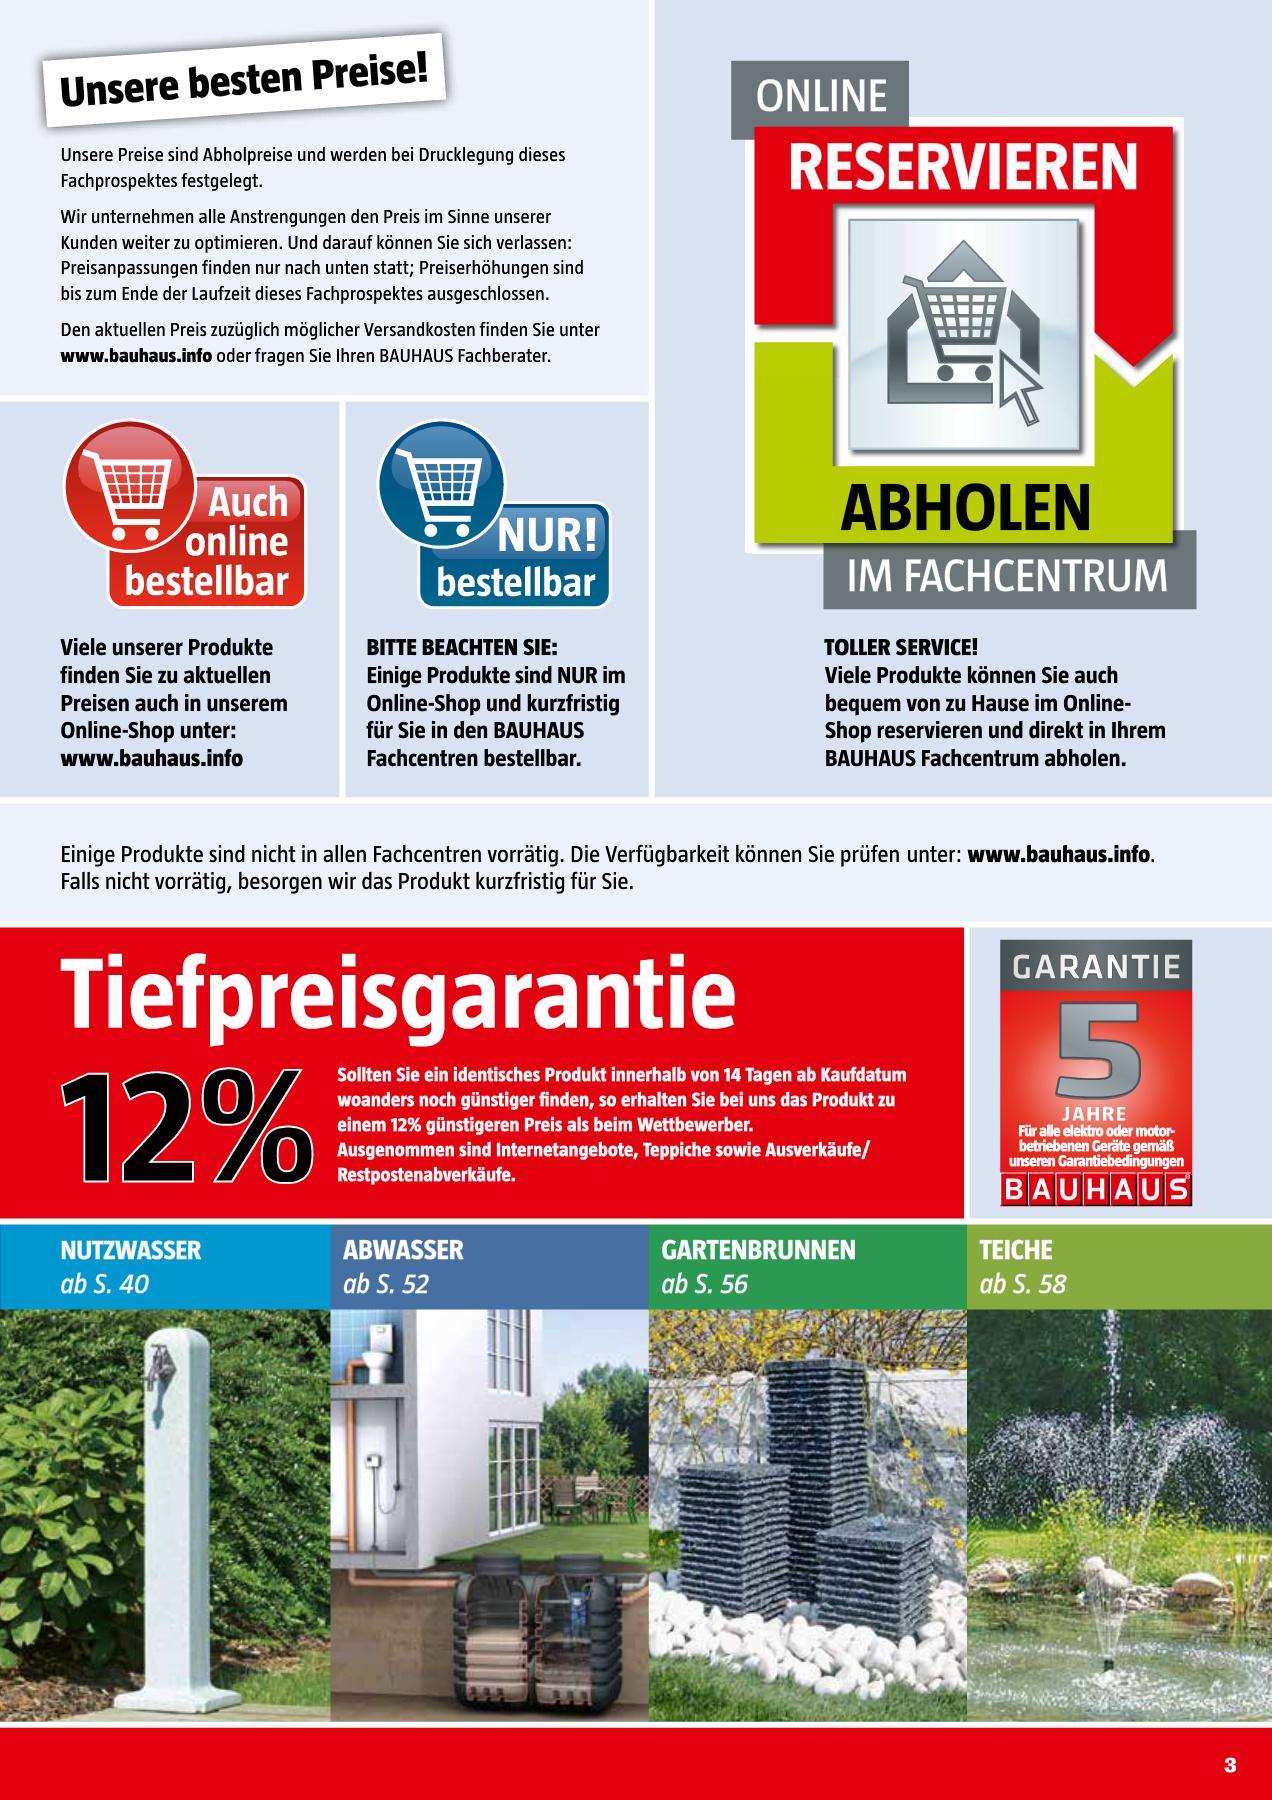 Full Size of Bauhaus Gartenbrunnen Wasser Im Garten Fenster Wohnzimmer Bauhaus Gartenbrunnen